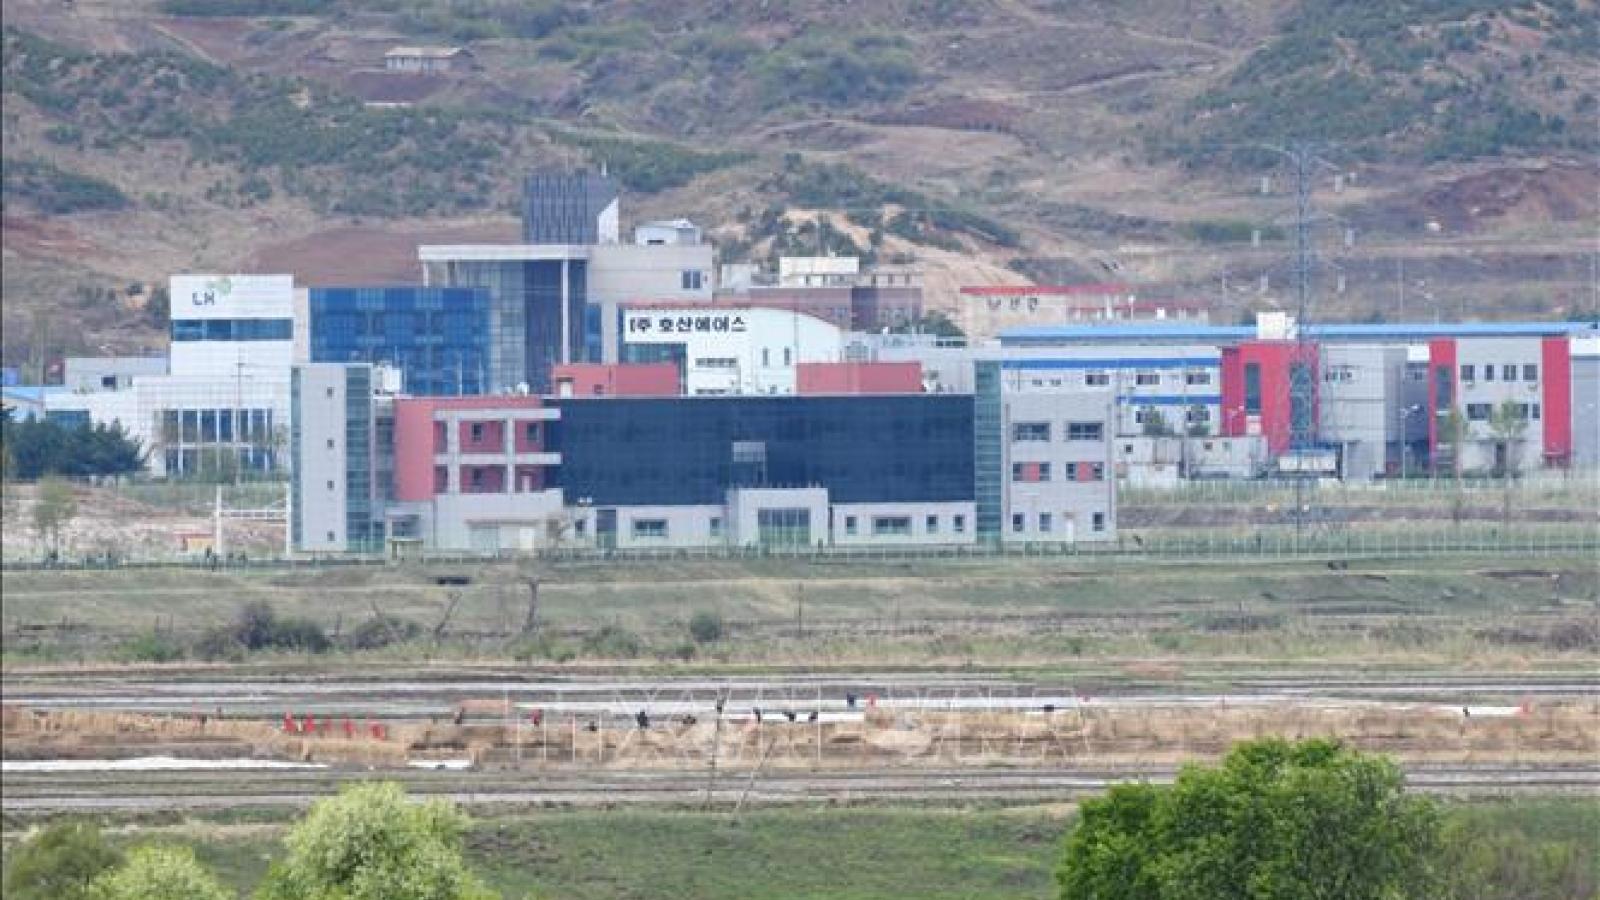 Hàn Quốc mong muốn khu công nghiệp liên Triều Gaesung mở trở lại